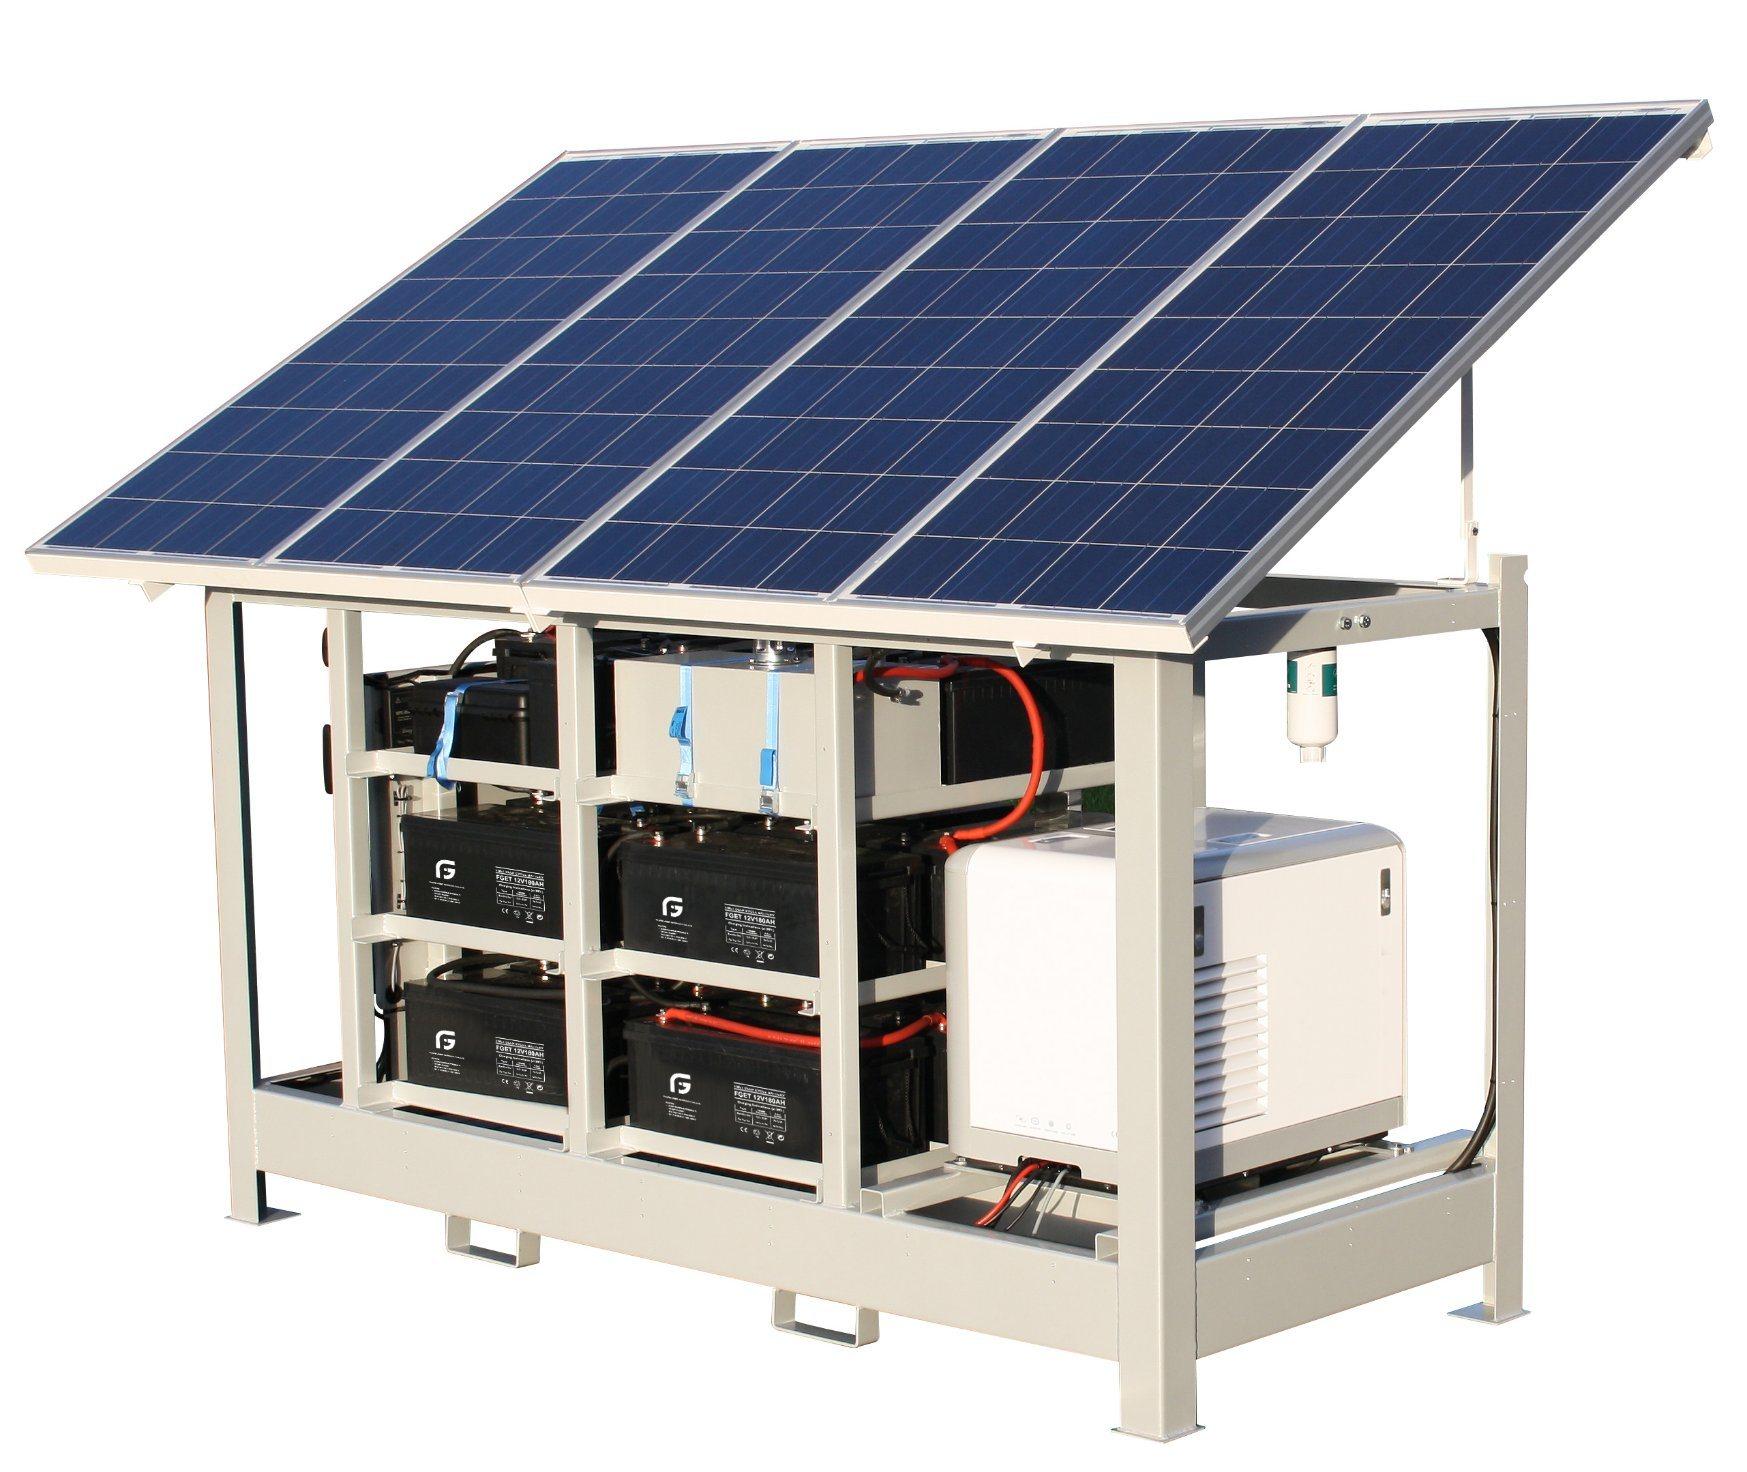 Автономное электроснабжение дома: выбор системы автономного электроснабжения